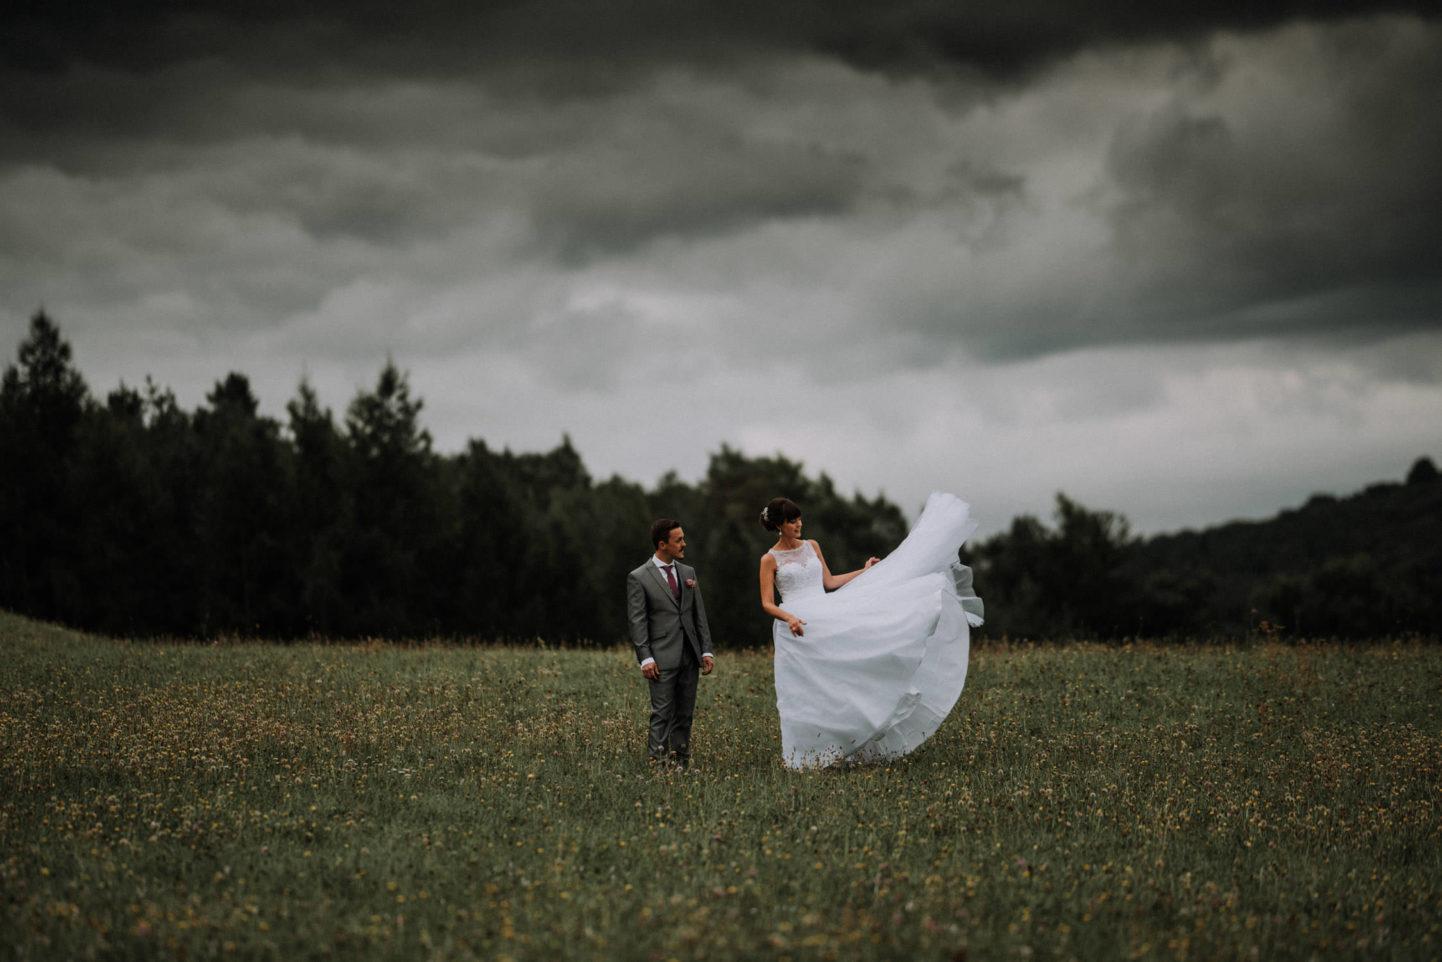 Hochzeitskleid fliegt